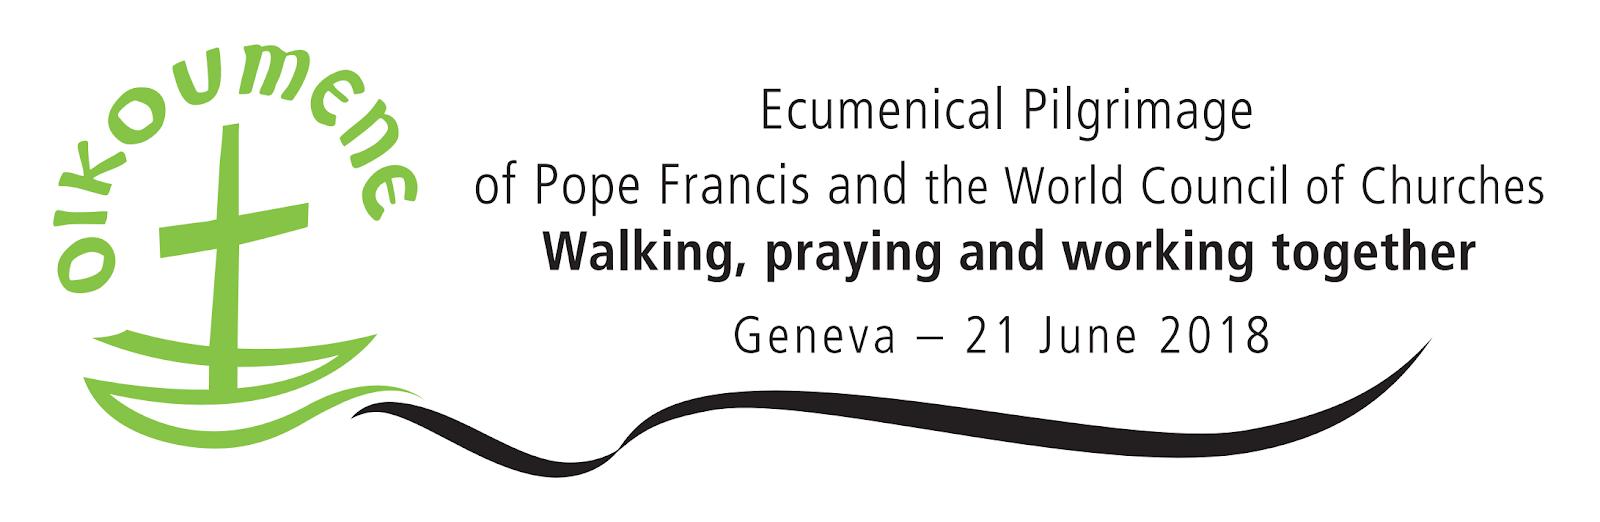 Chương trình đến Geneva của Đức Thánh Cha ngày 21 tháng Sáu, 2018